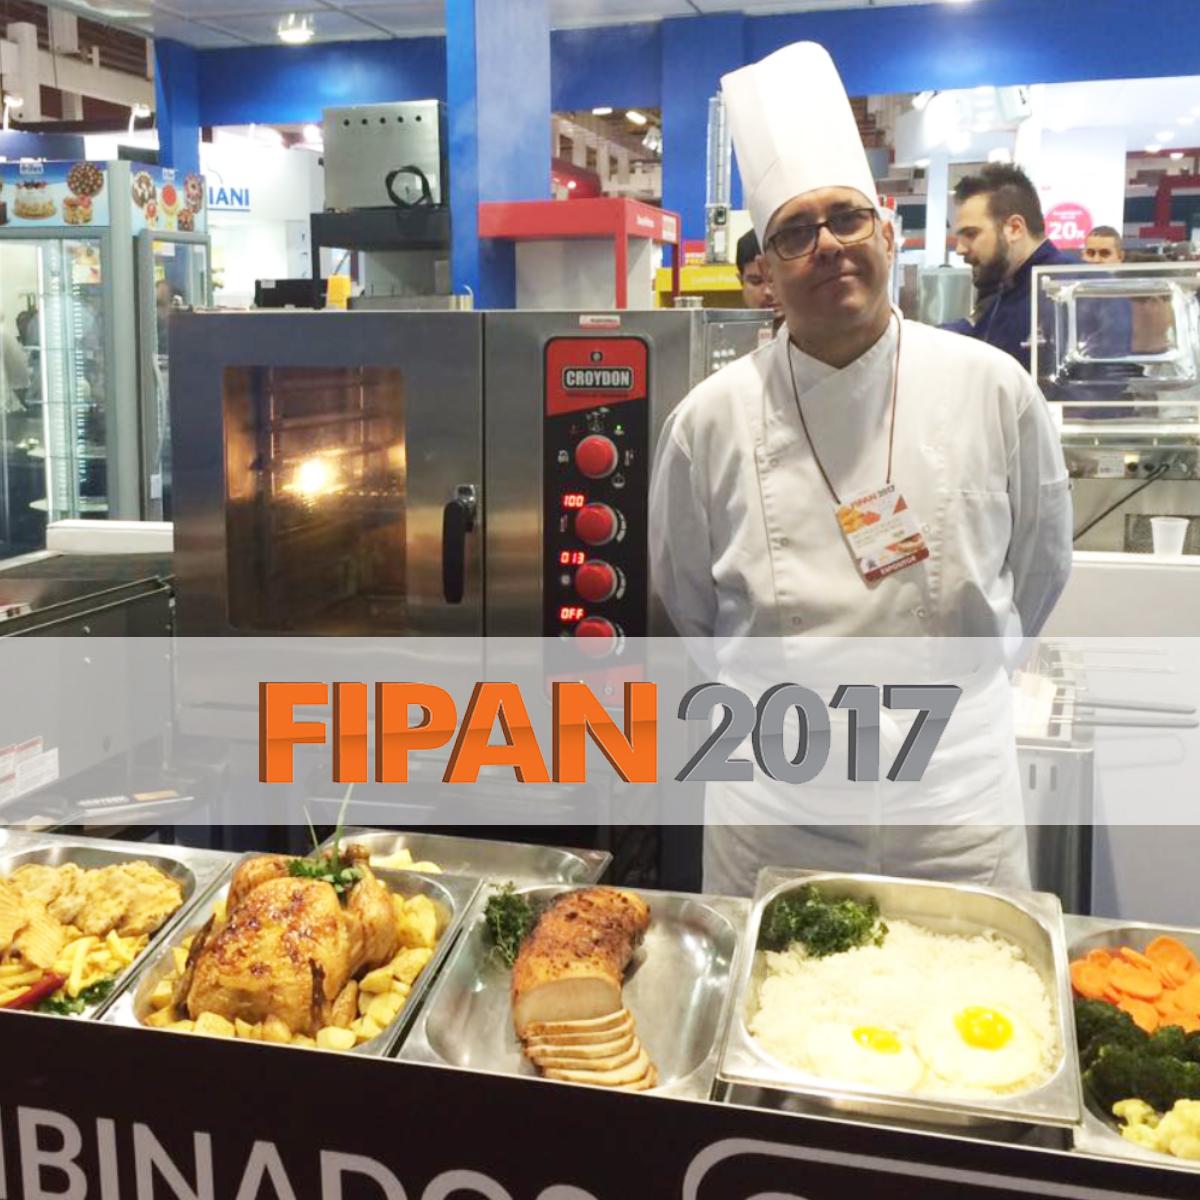 EVENTOS: FIPAN 2017